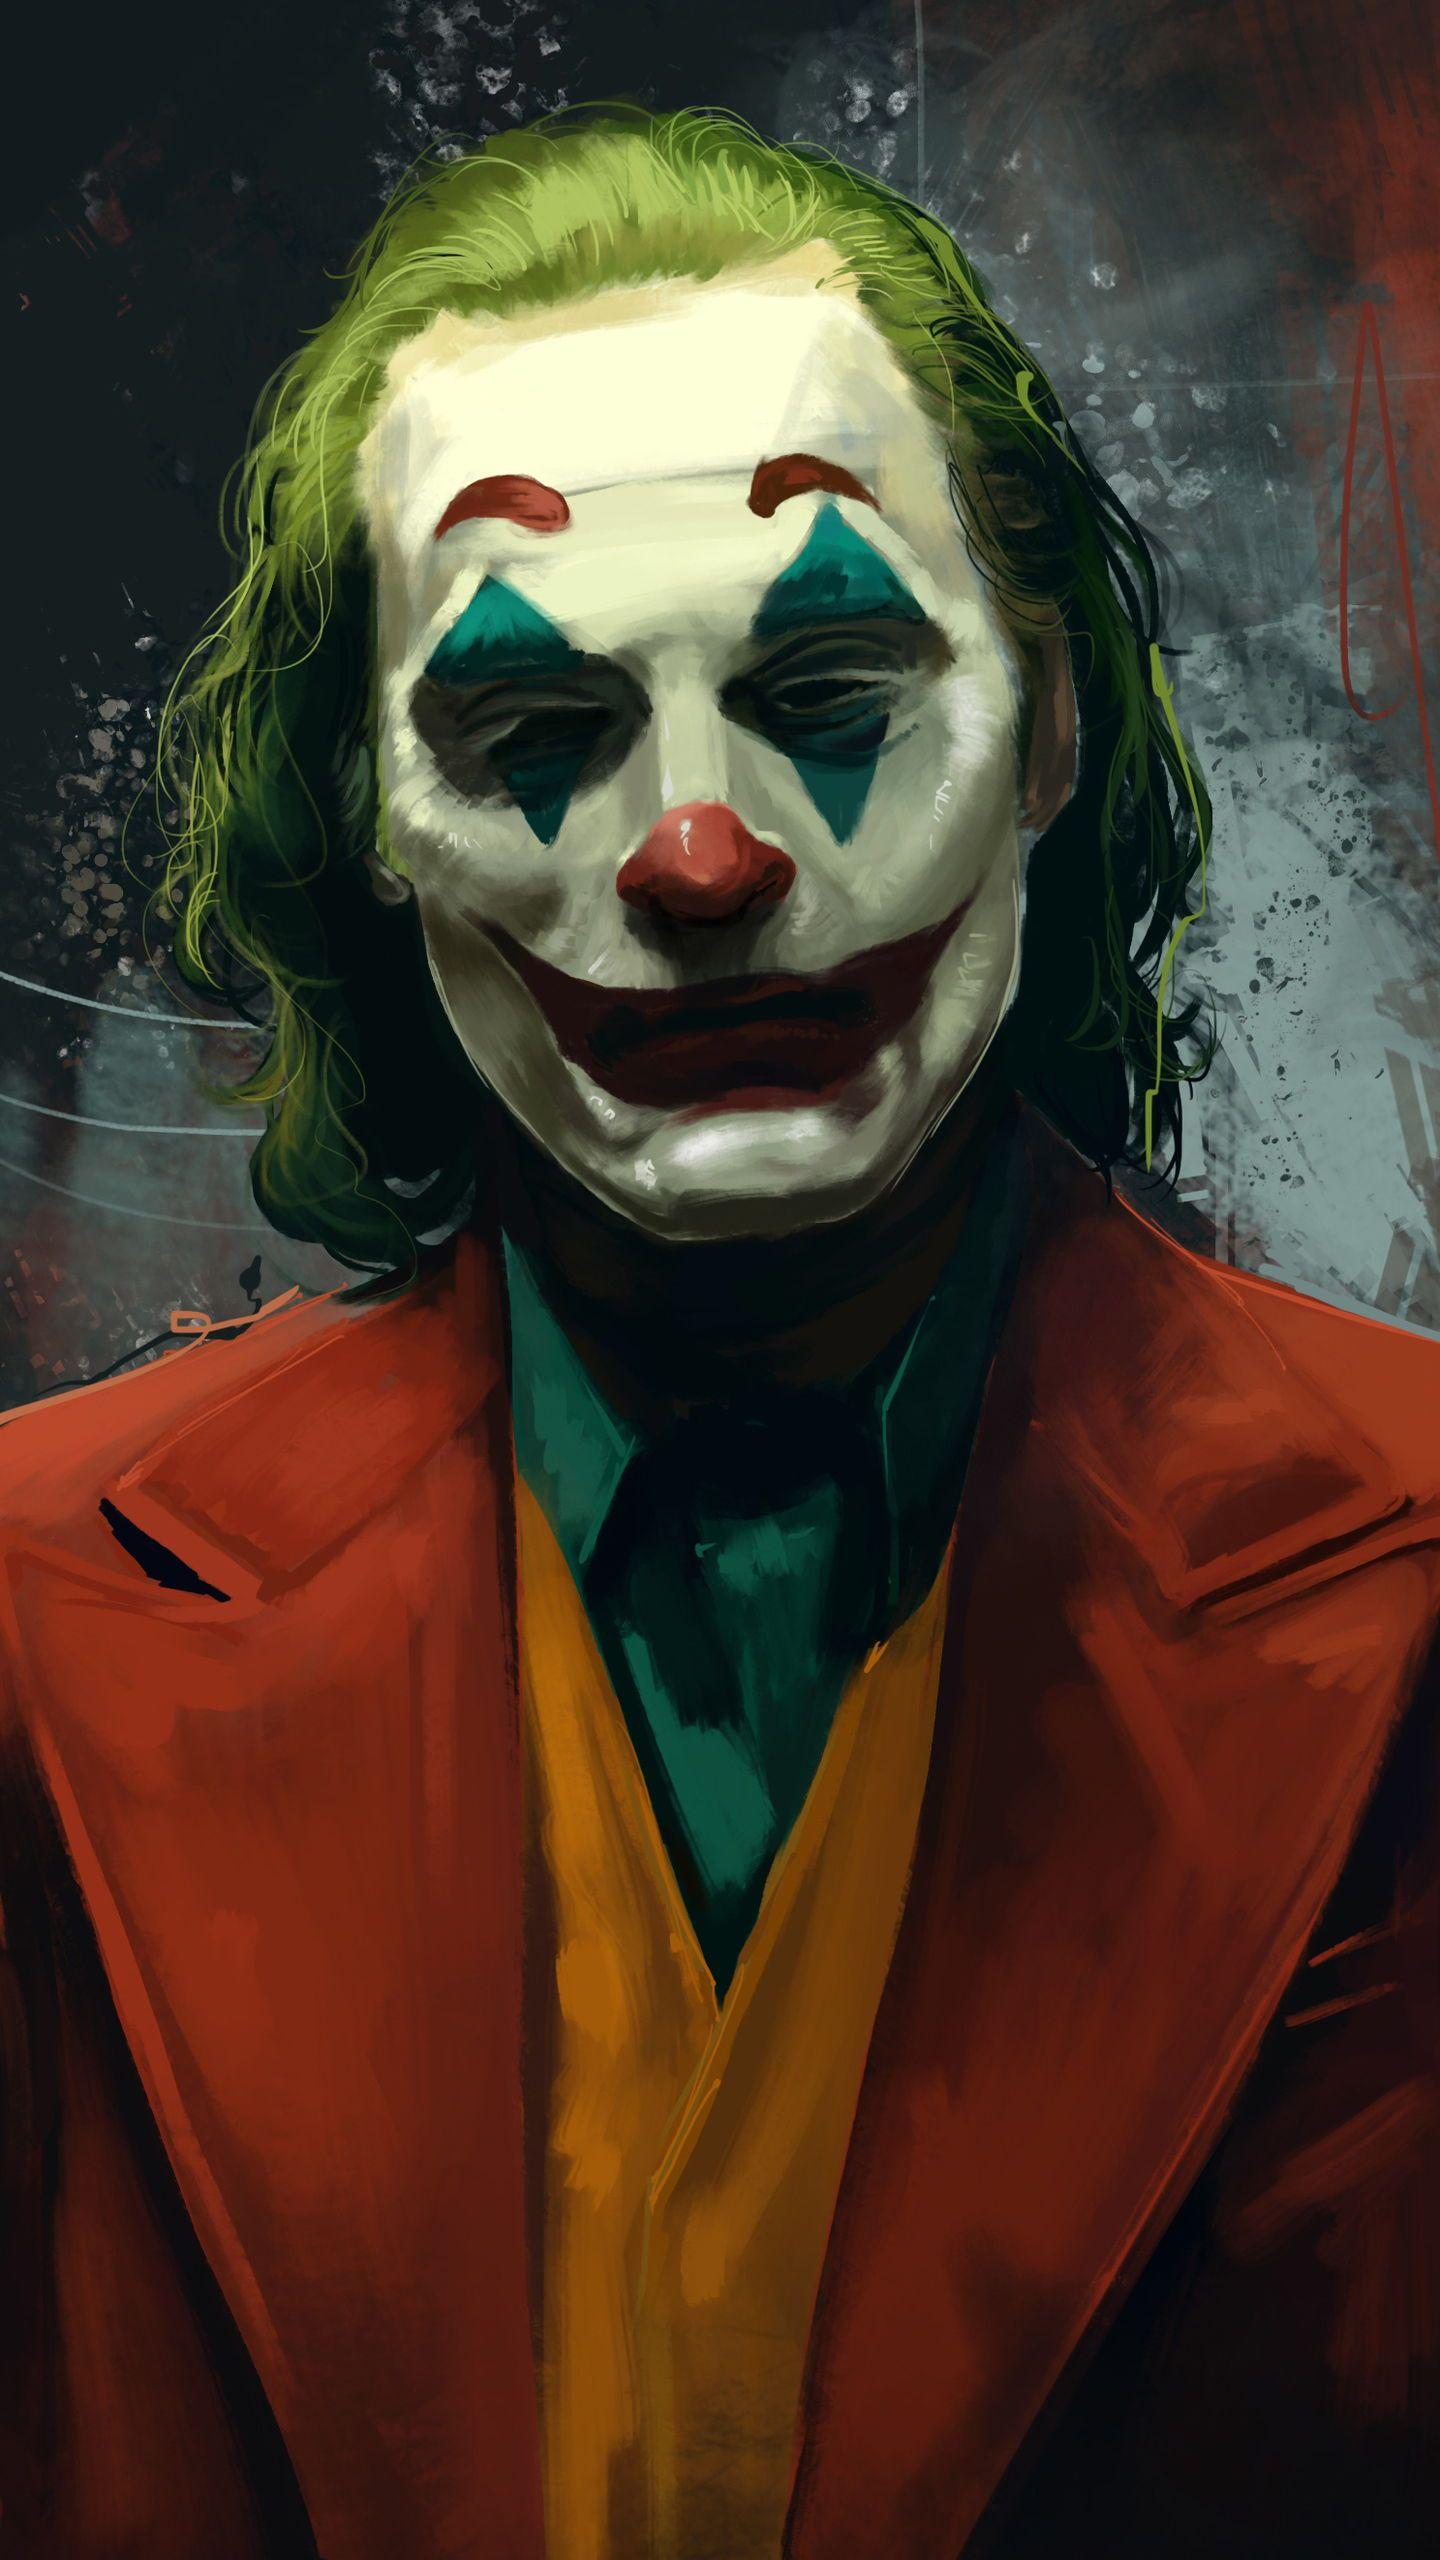 Joker Trailer Released And It Is Darkly Unique Dc Comics